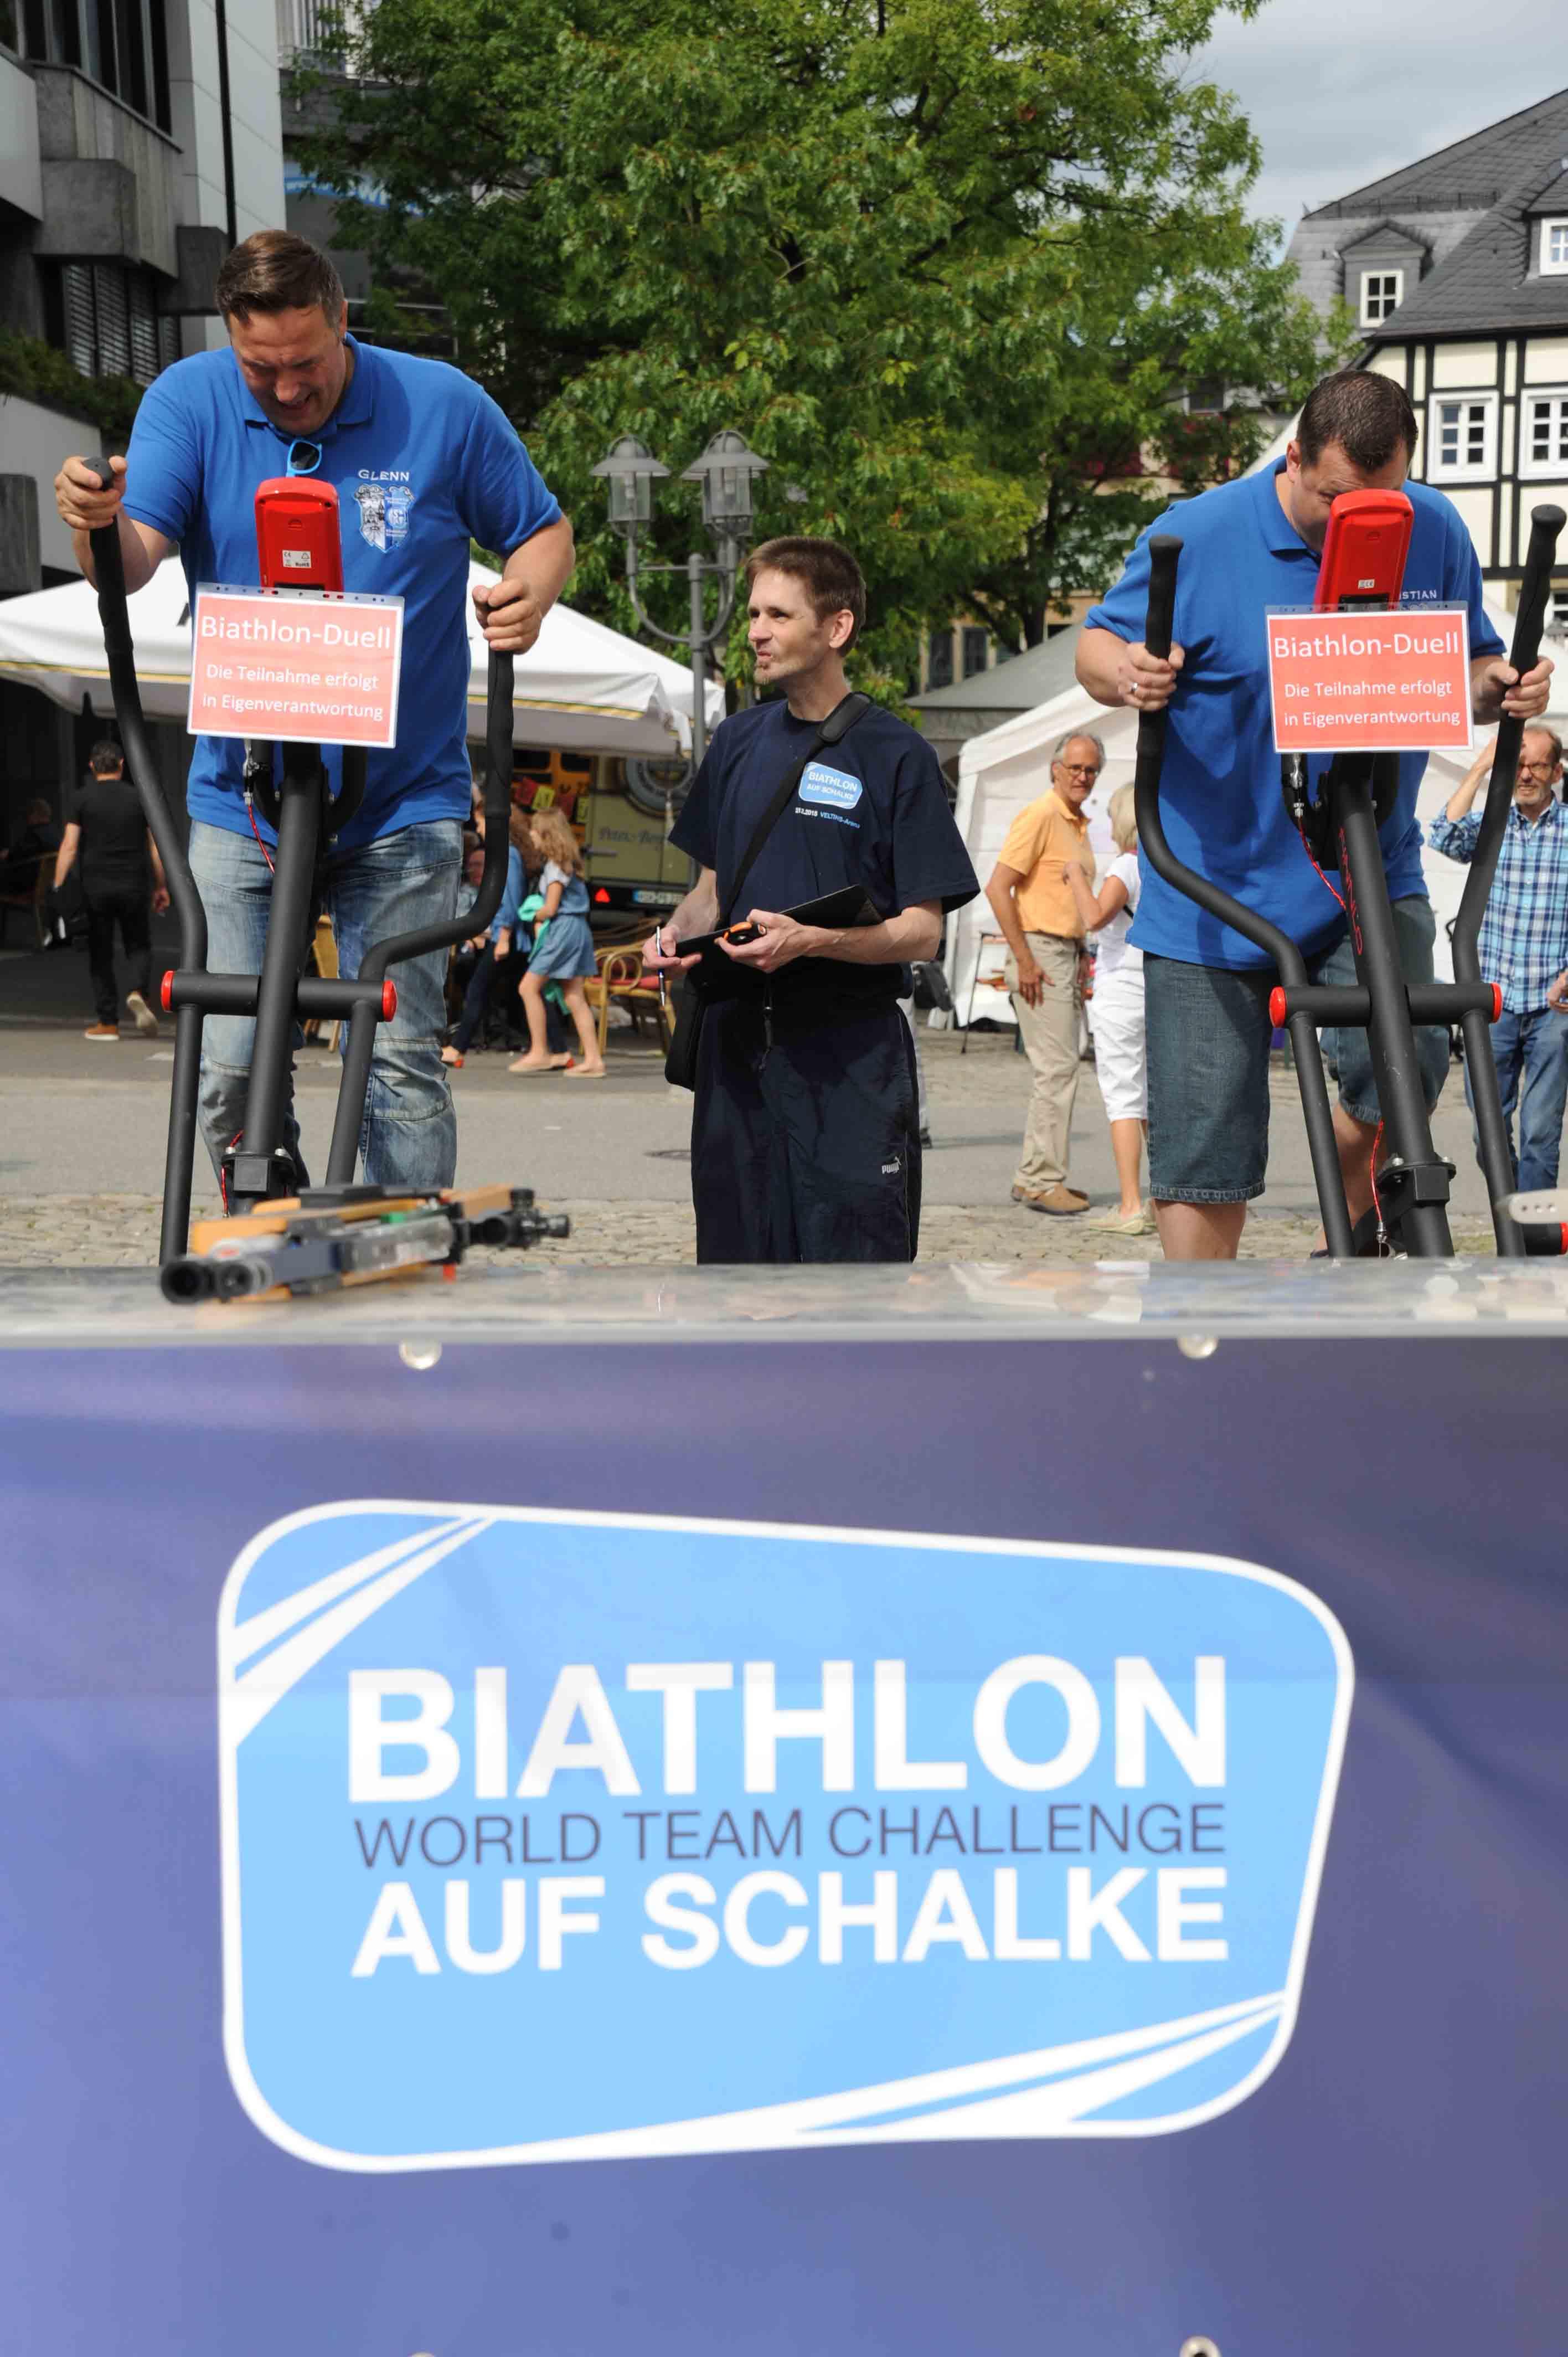 Zwei Knappen kämpfen: Christian Müller (re.) hier noch verdeckt vom Crosstrainer, auf dem Weg zum Etappensieg